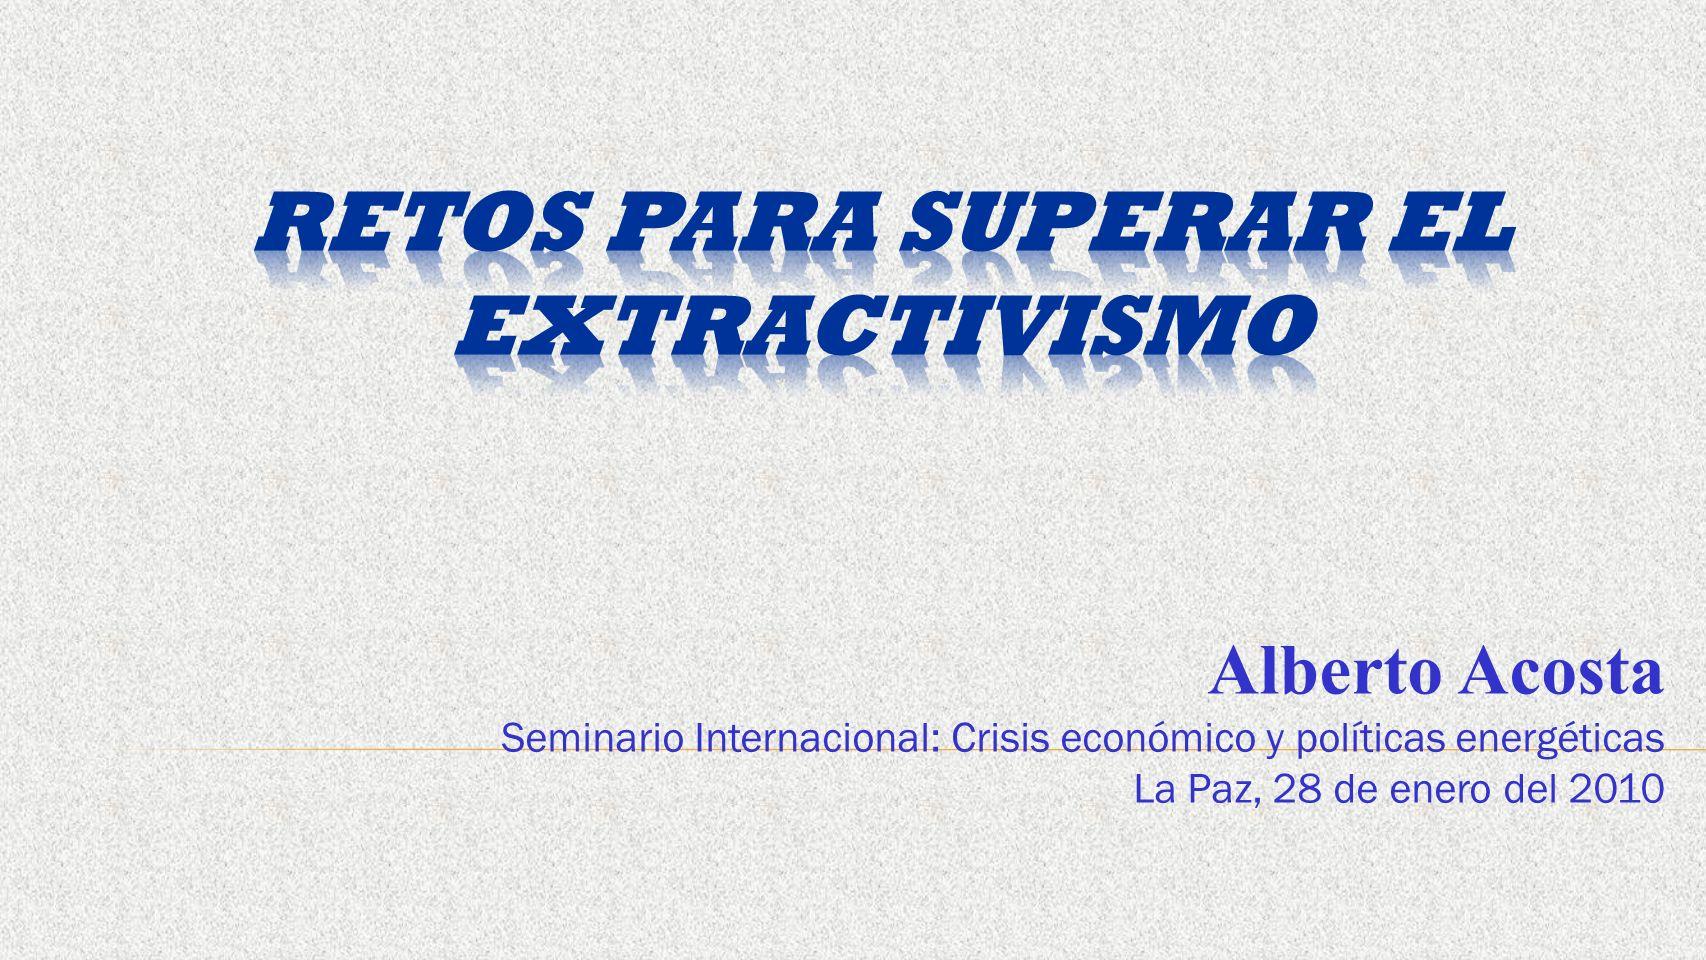 Alberto Acosta Seminario Internacional: Crisis económico y políticas energéticas La Paz, 28 de enero del 2010